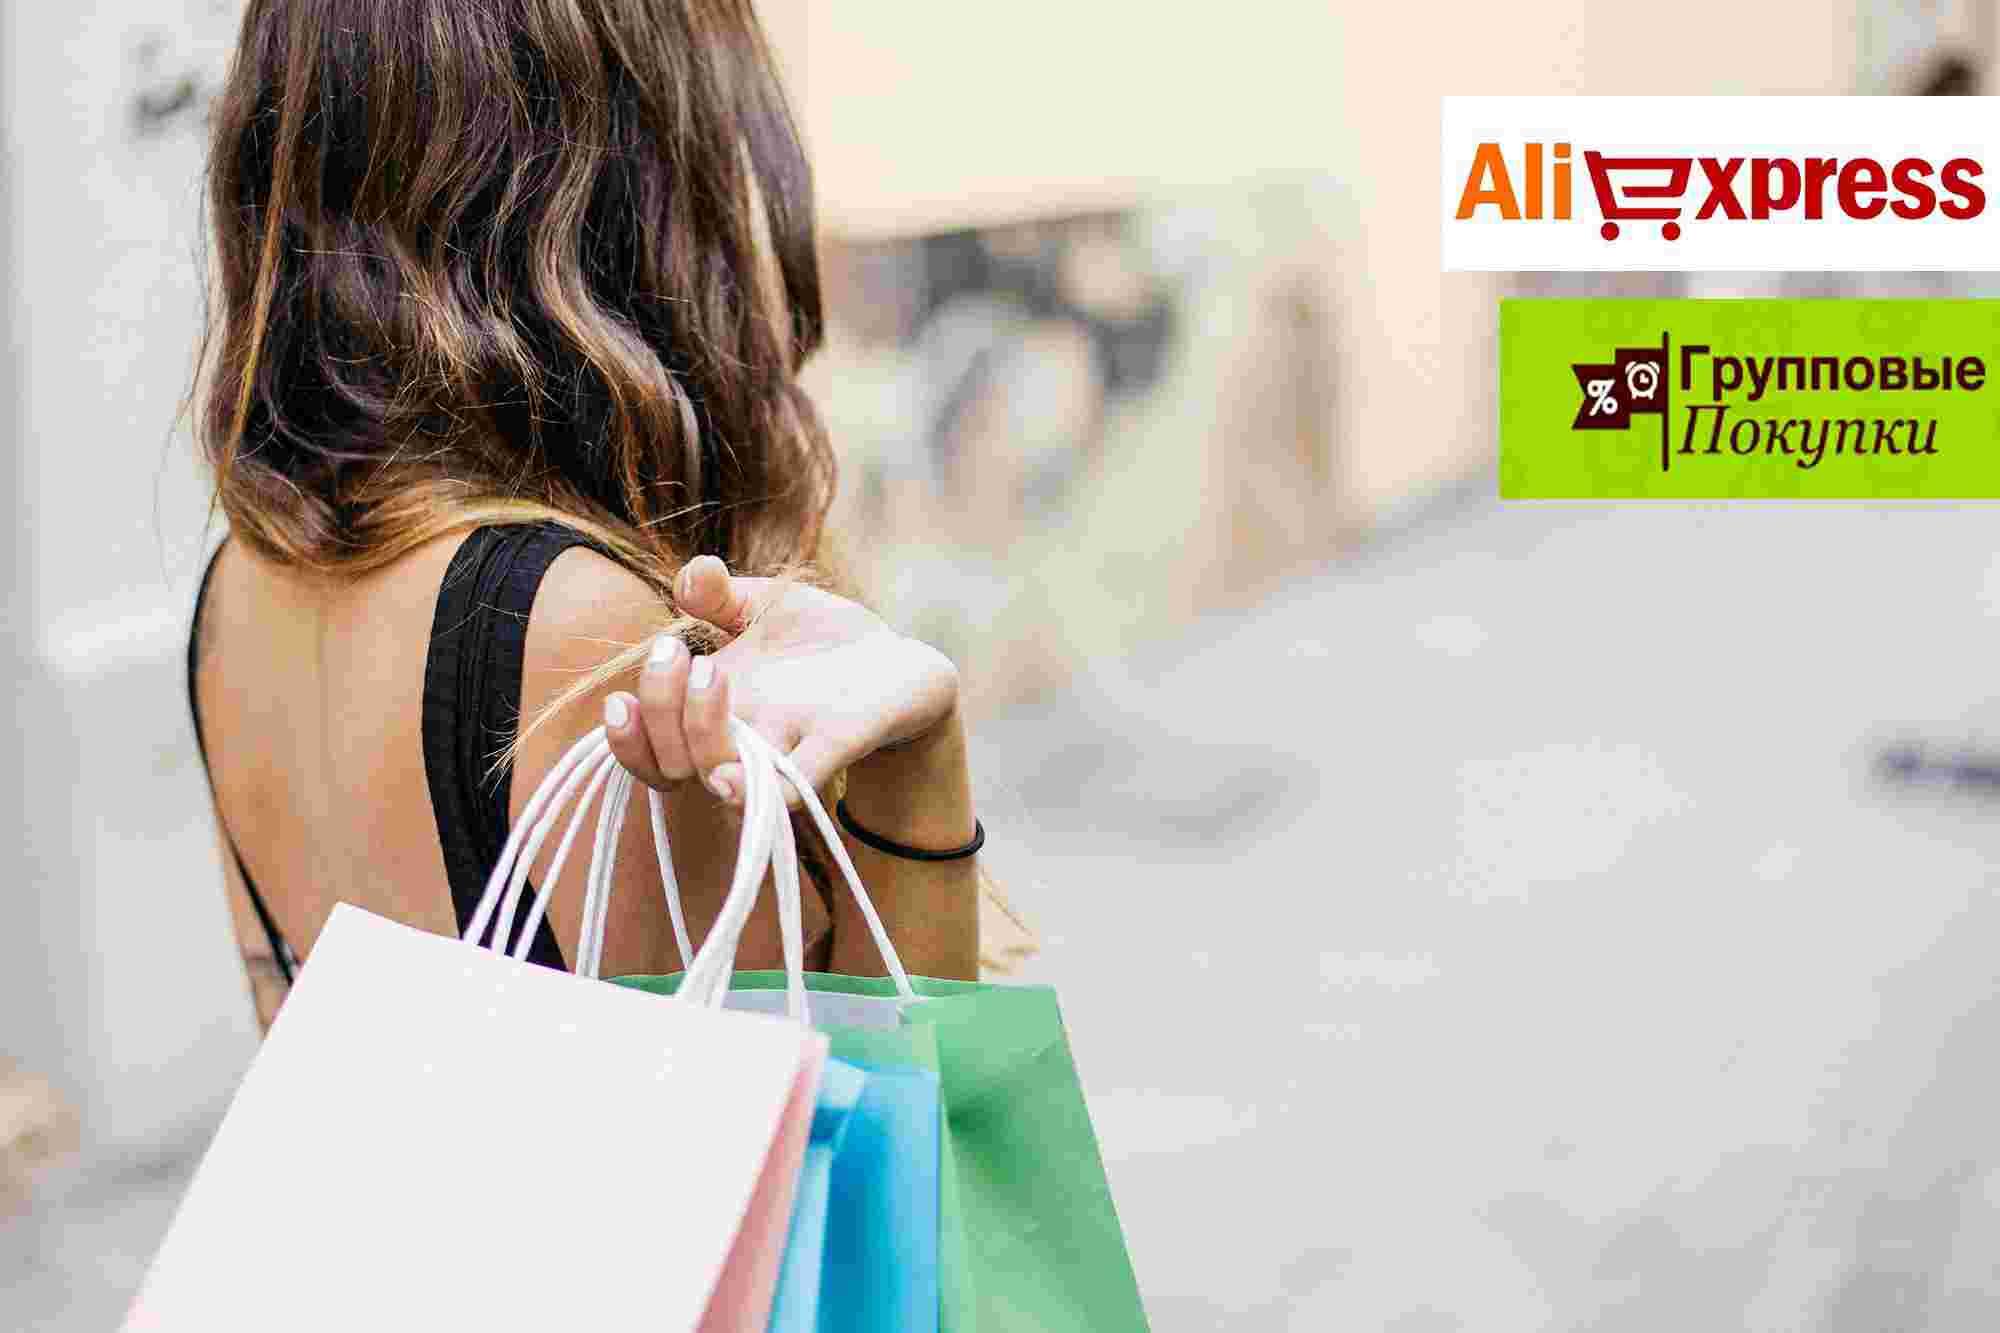 Изображение для статьи групповые покупки Алиэспресс